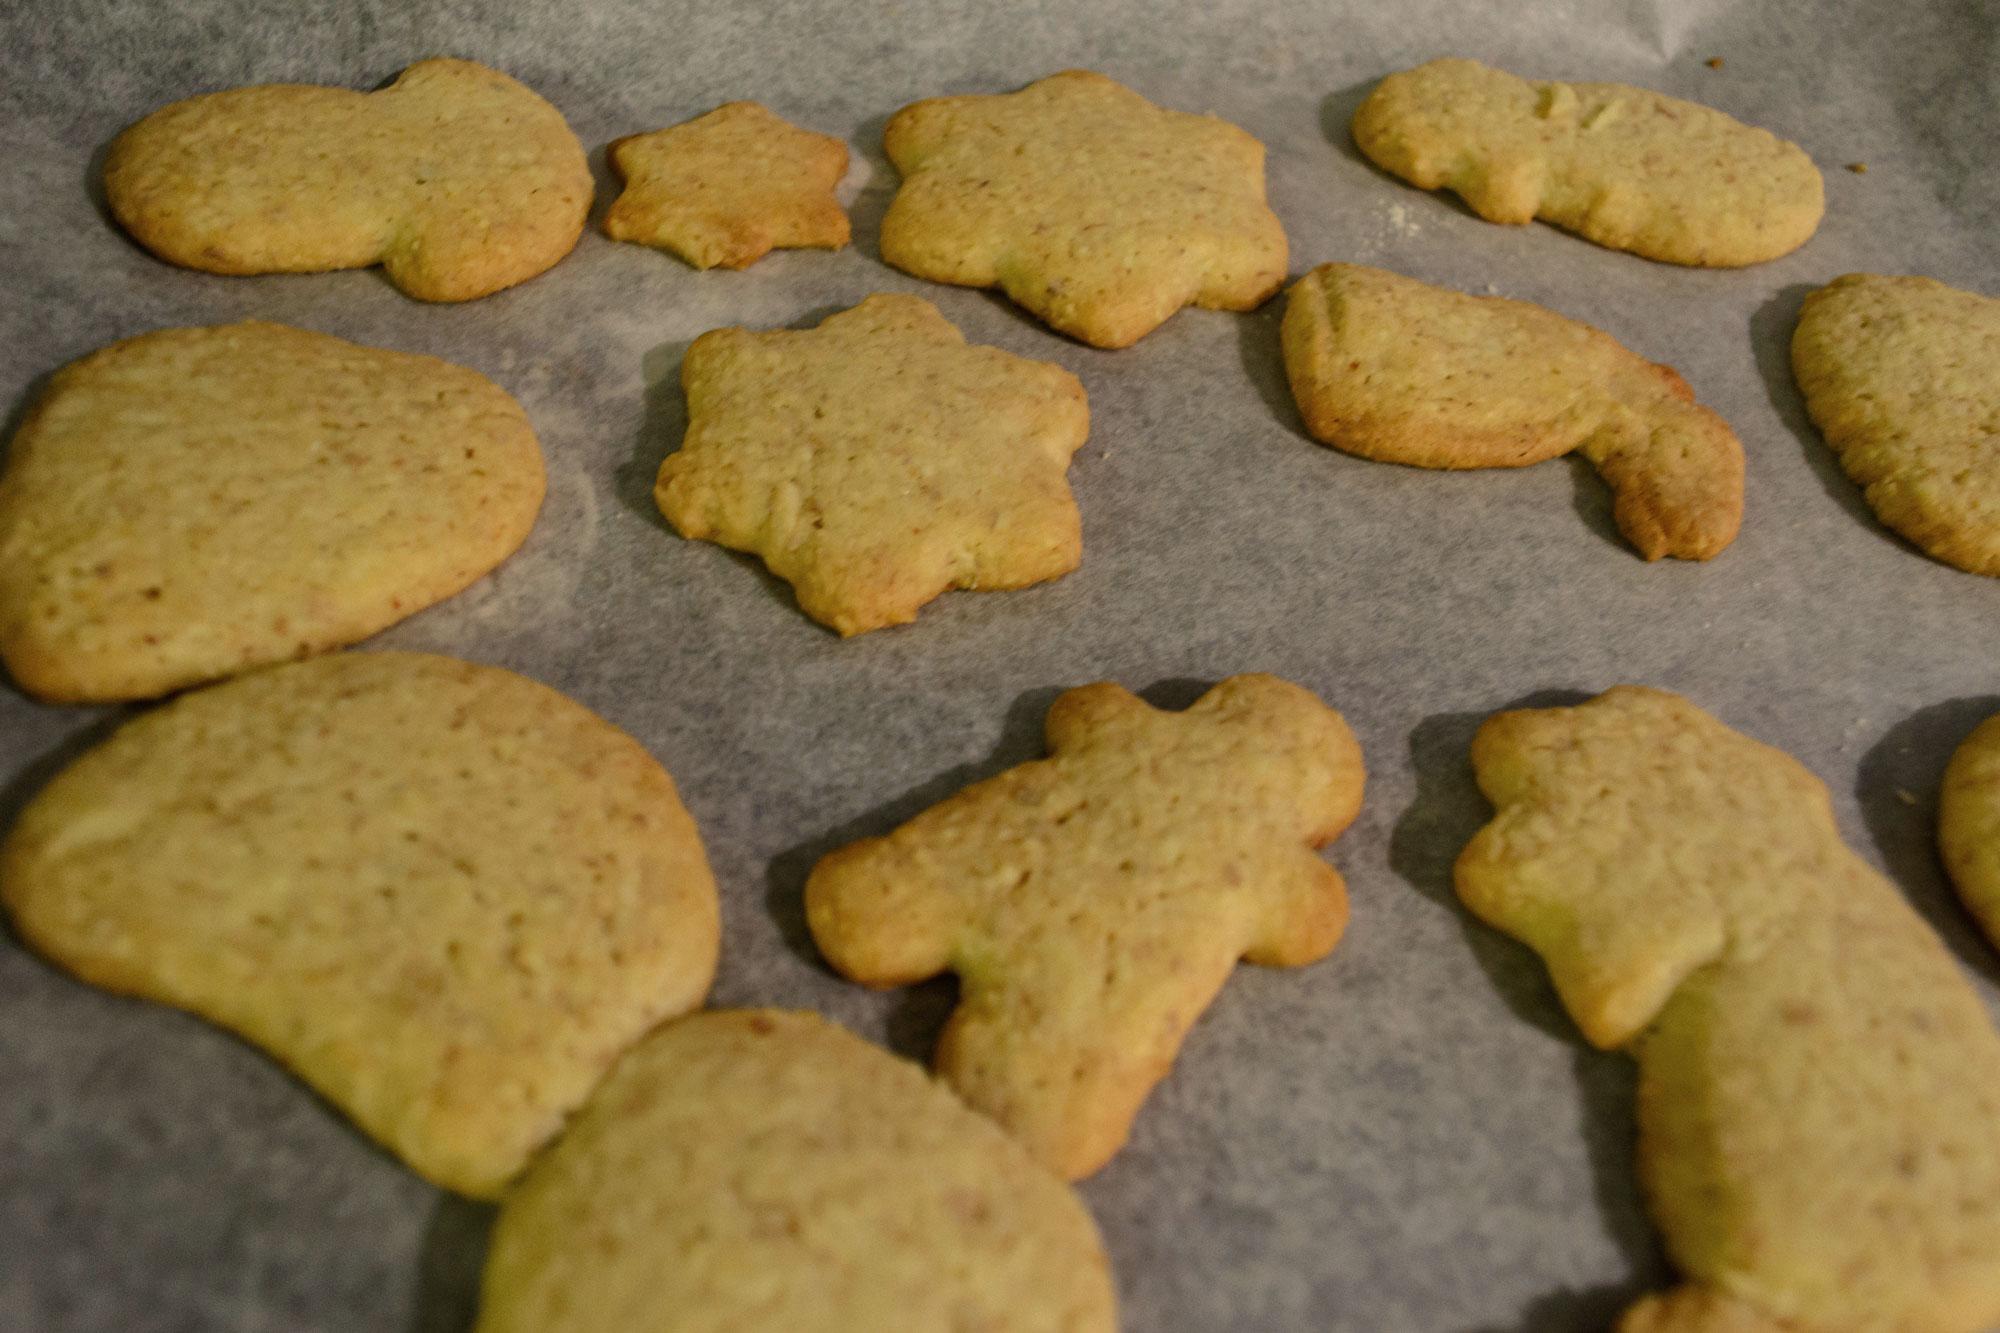 Recept za kekse - brza priprema božićnih kolača - gotovo